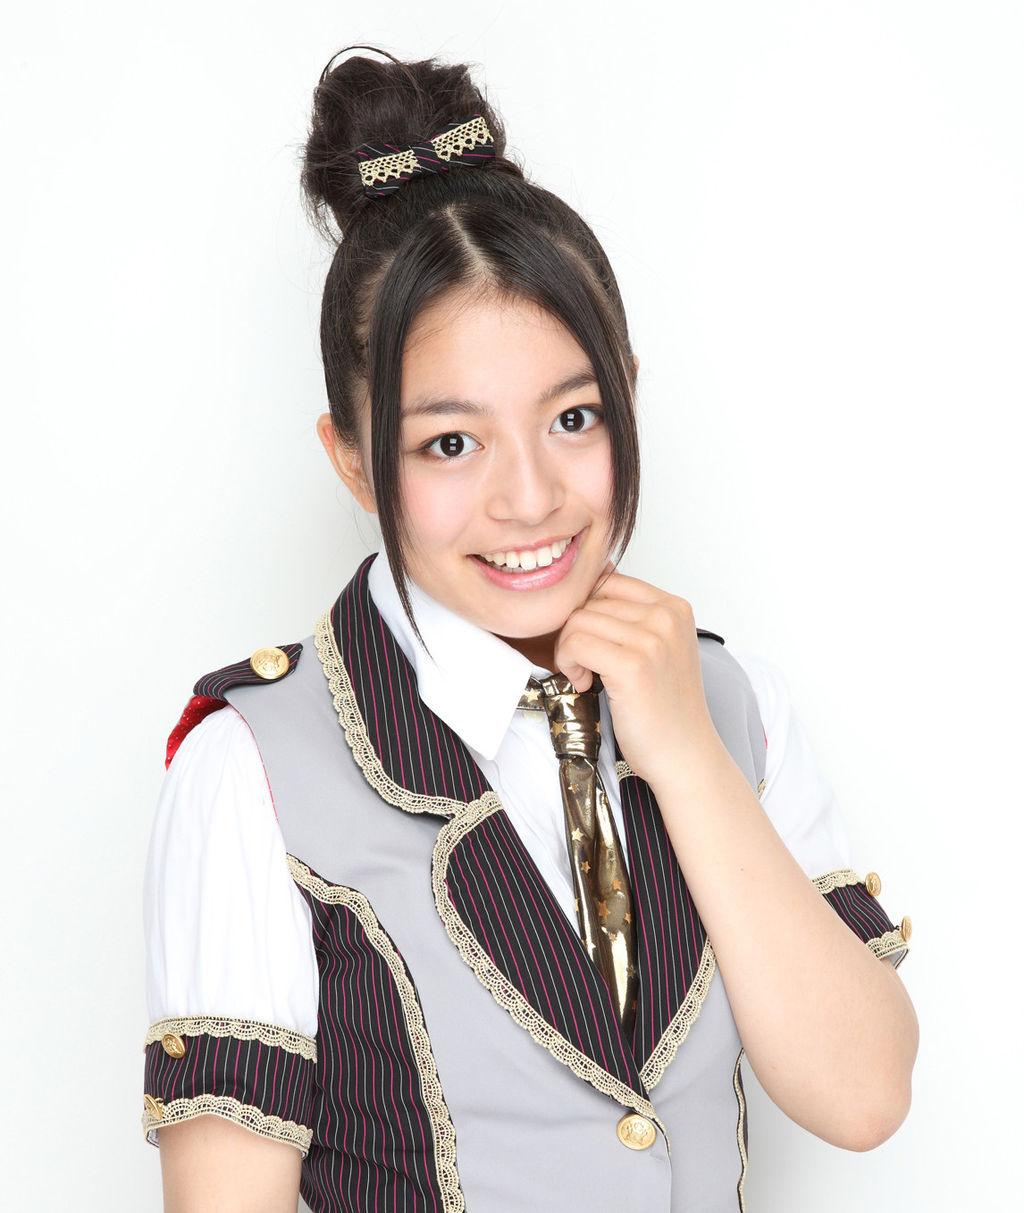 【速報】AKB48チーム8 人見古都音が卒業発表